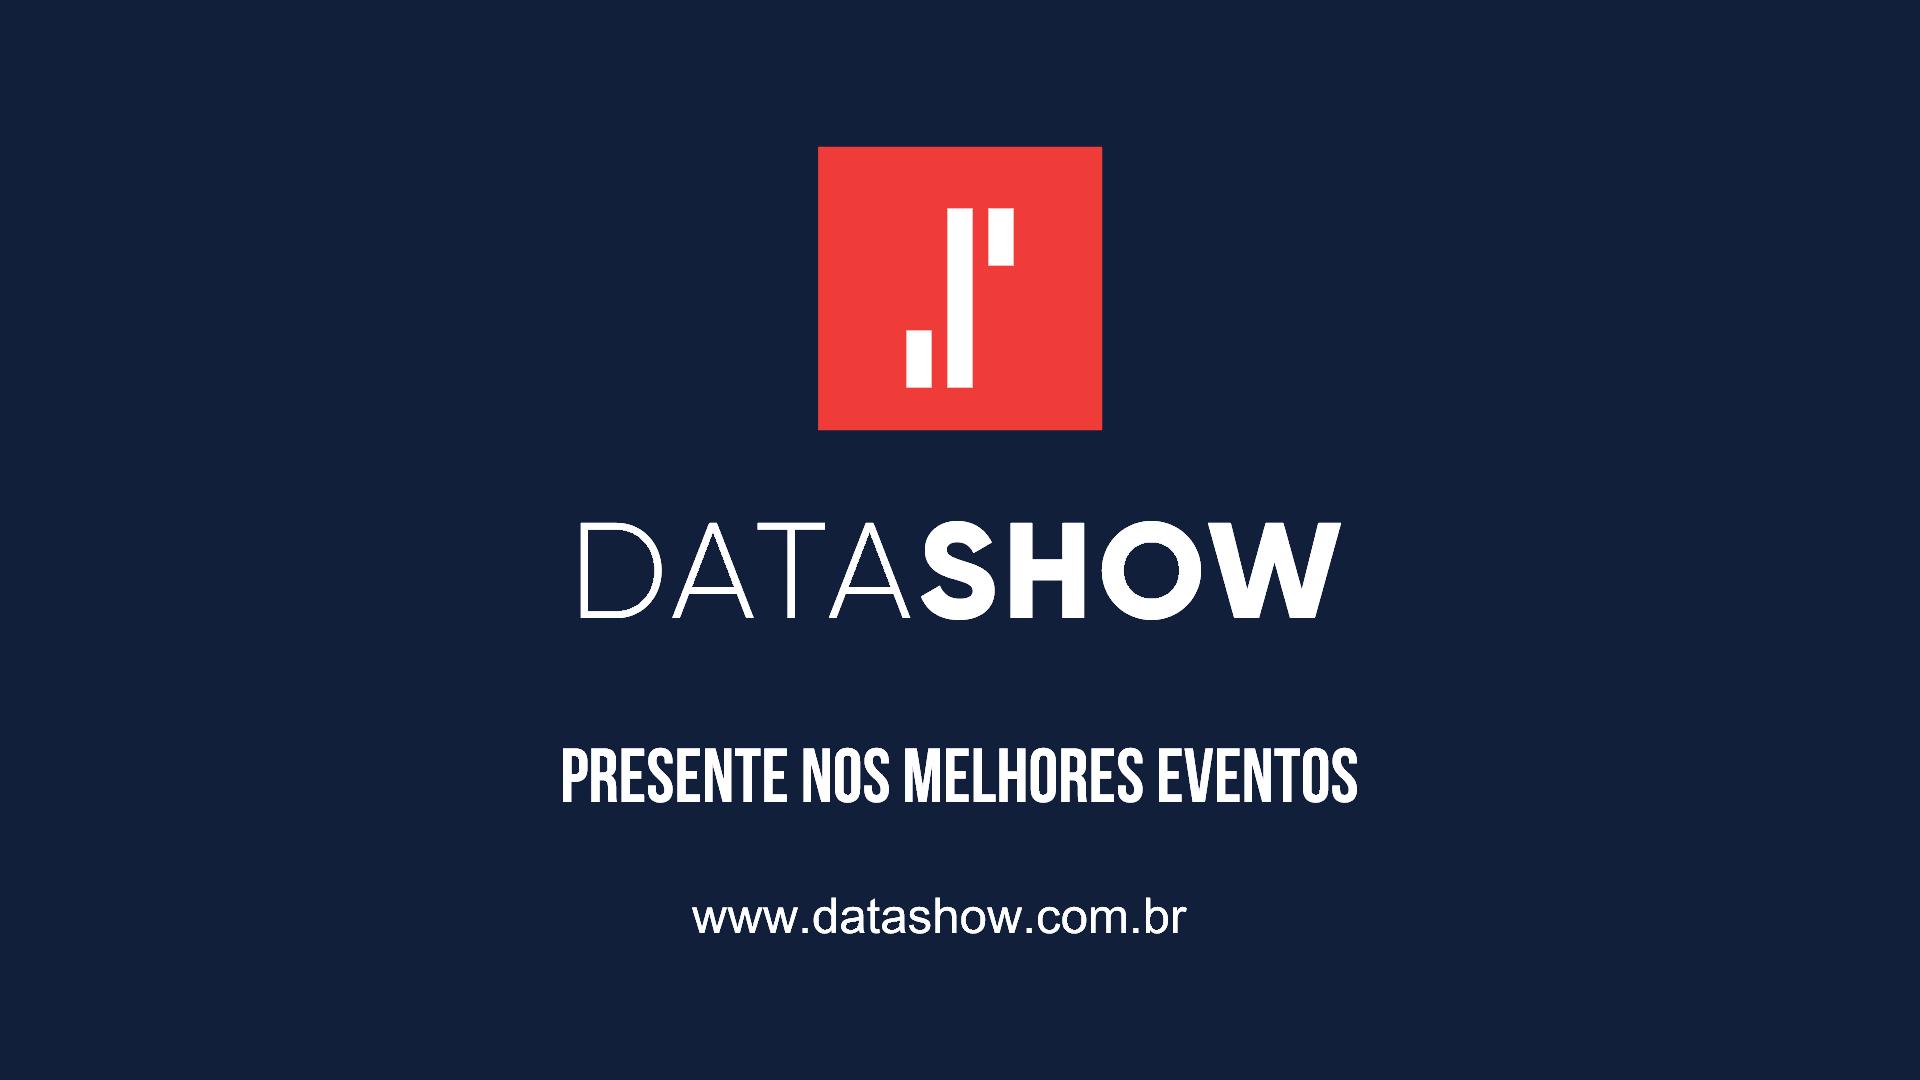 Data_show_2018